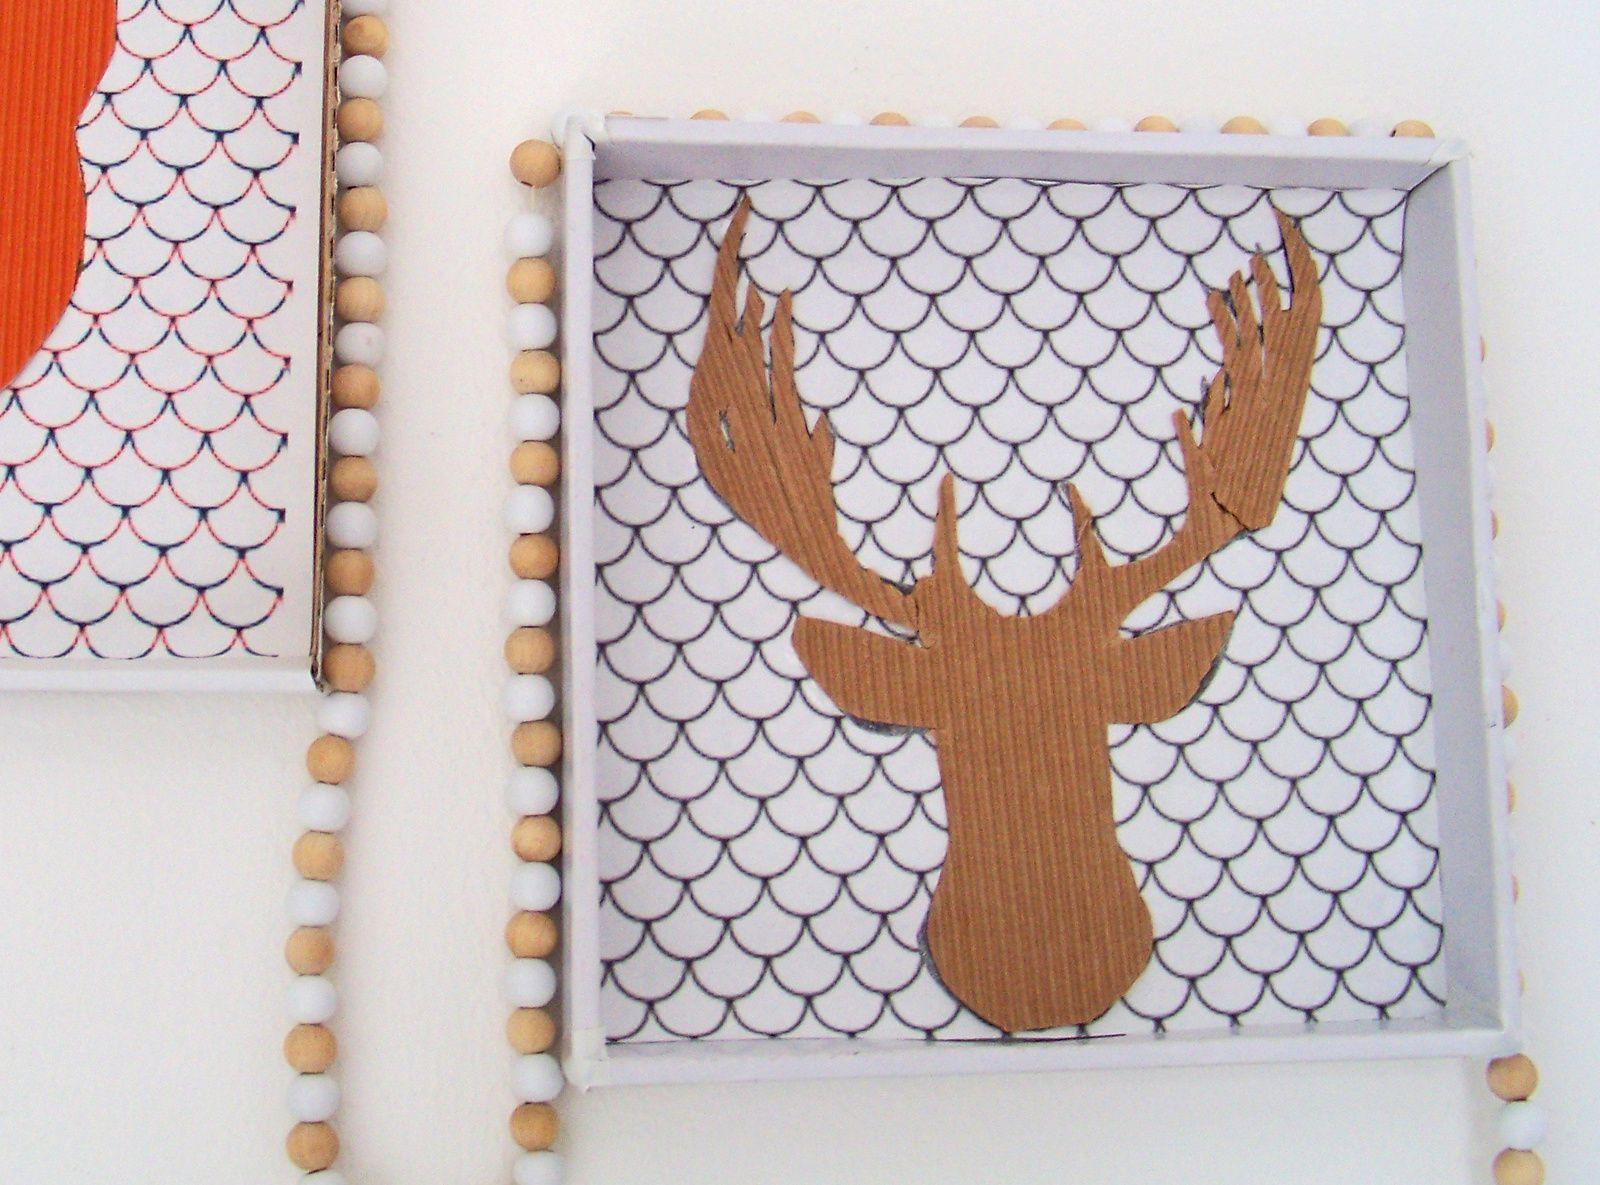 Esprit récup pour cadres home made &quot&#x3B;les animaux de la forêt&quot&#x3B;